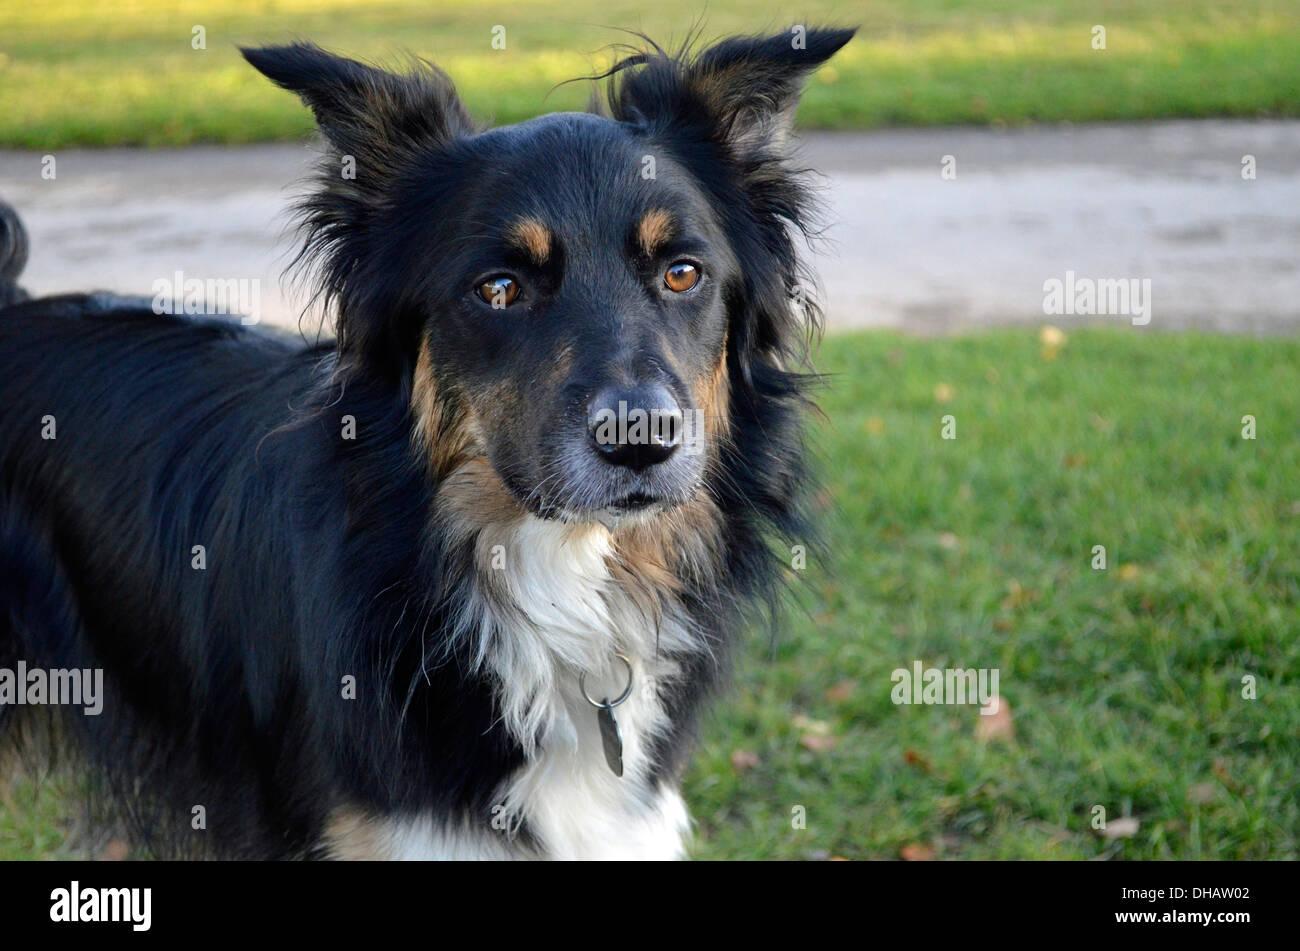 Tan And White Dog Stock Photos & Tan And White Dog Stock